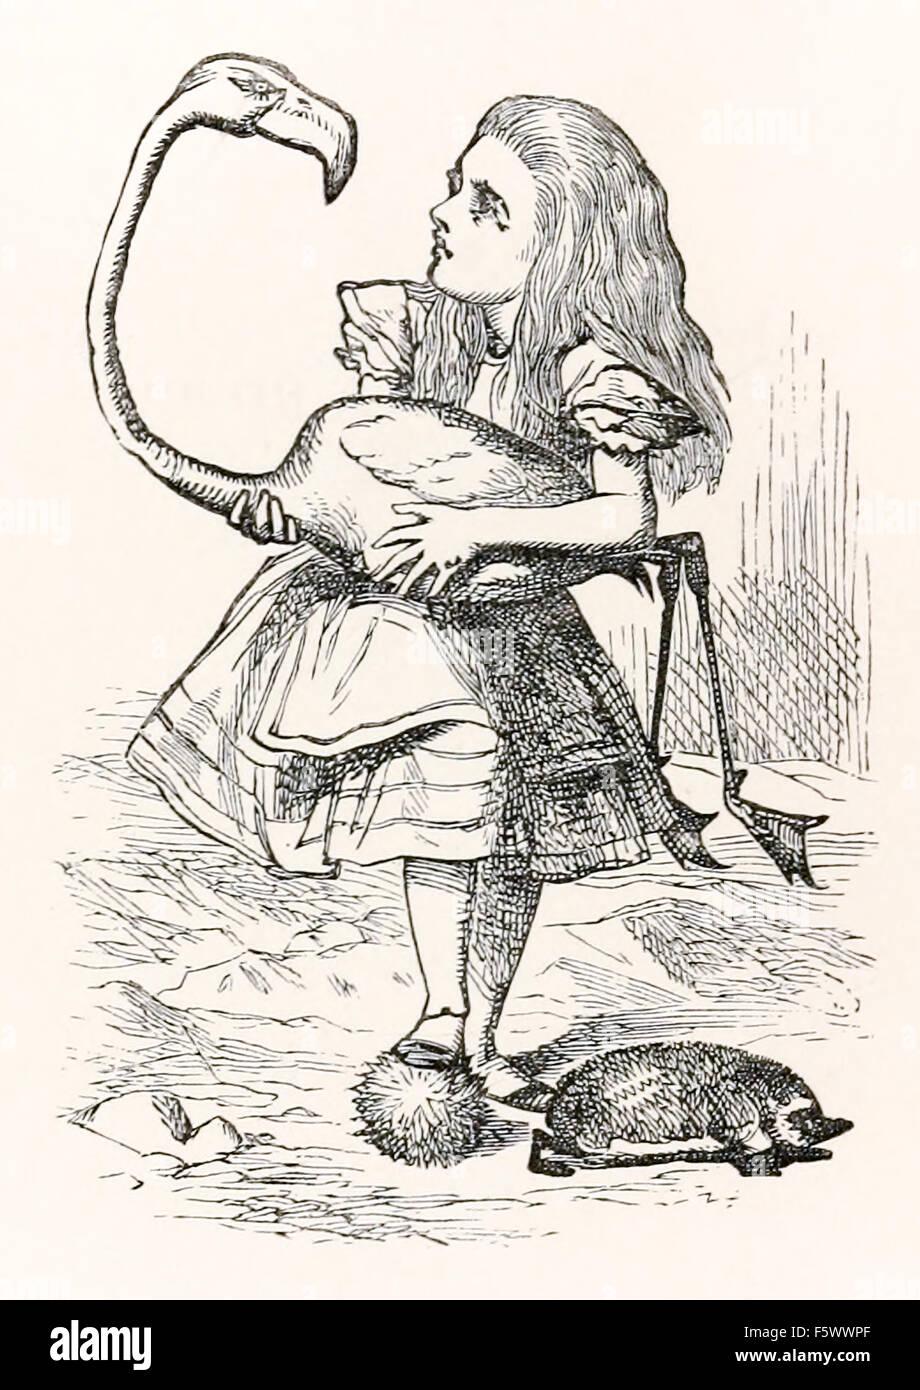 alice in wonderland - Stock Image